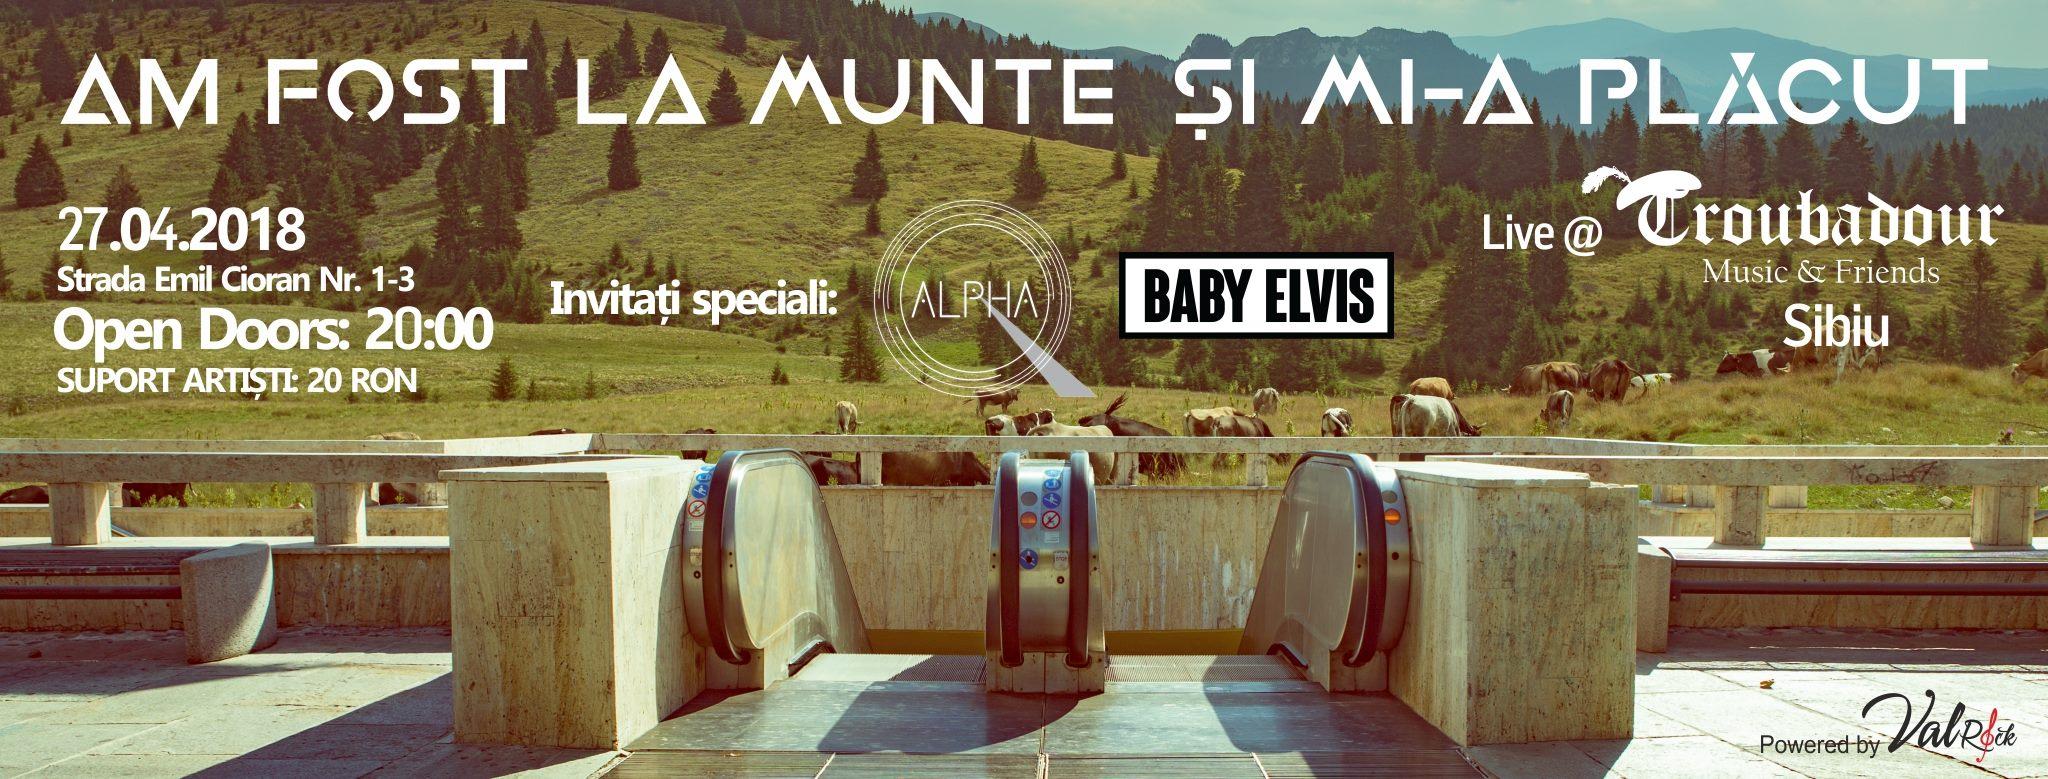 Am Fost La Munte Si Mi-a Placut / Sibiu / Troubadour / 27.04